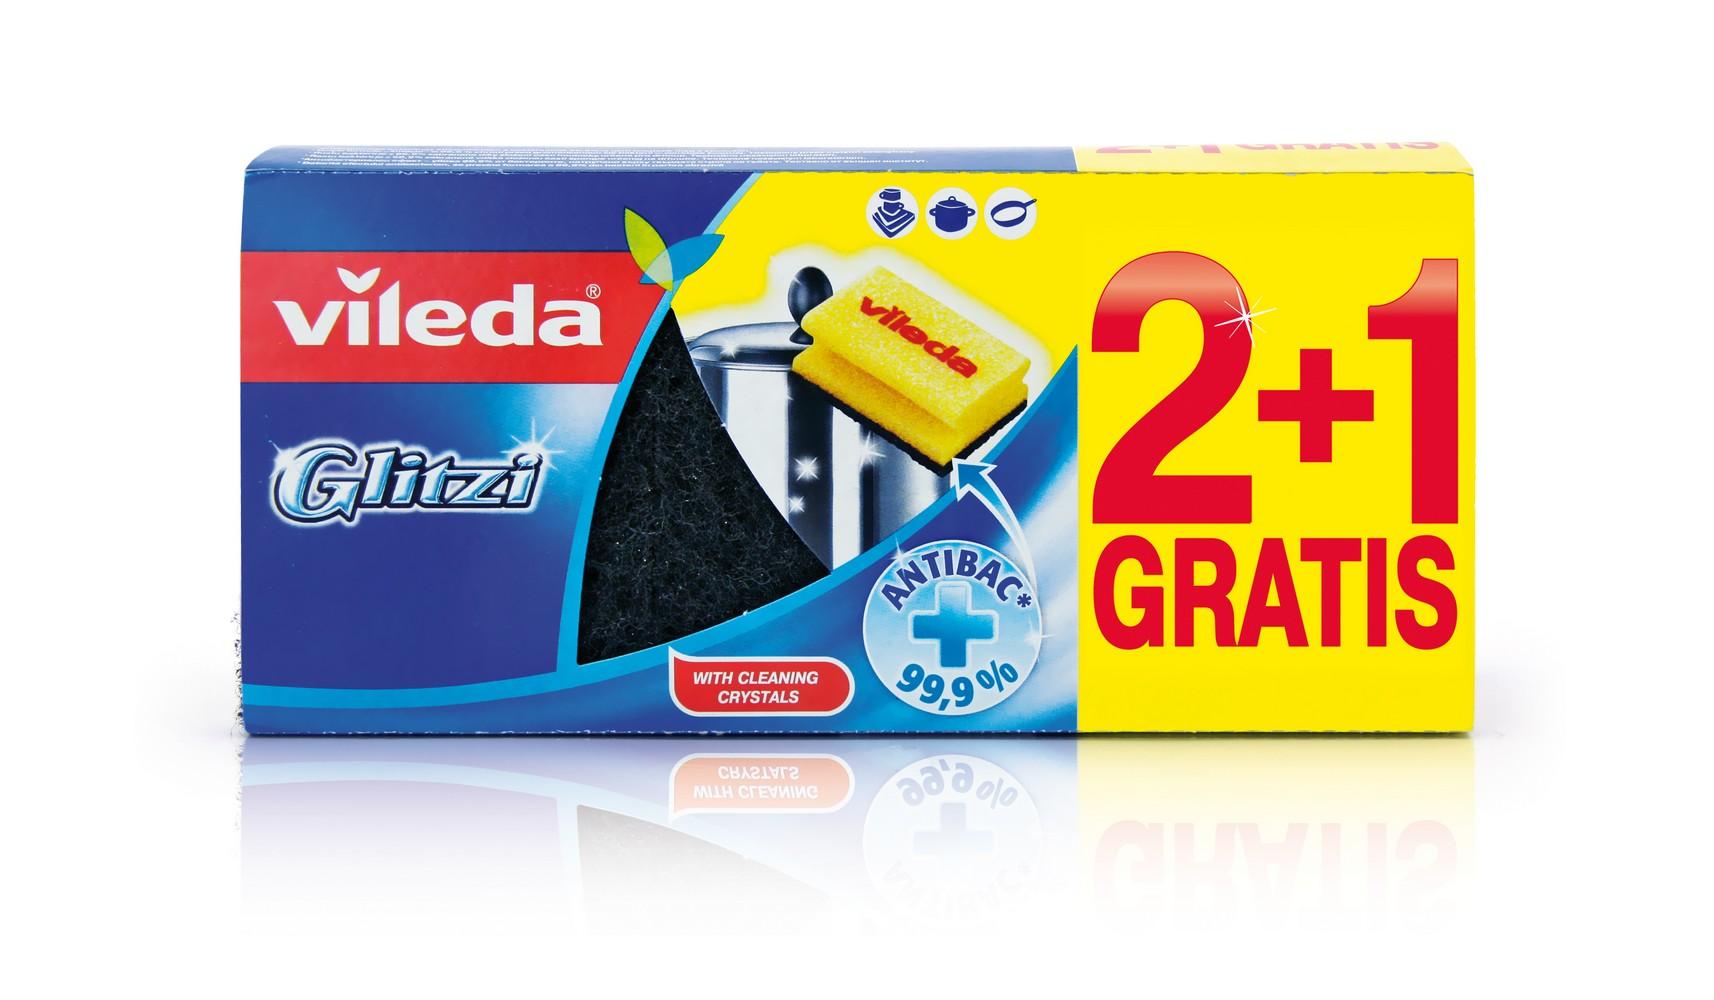 Houbička VILEDA Glitzi 2+1 ks, cena za ks